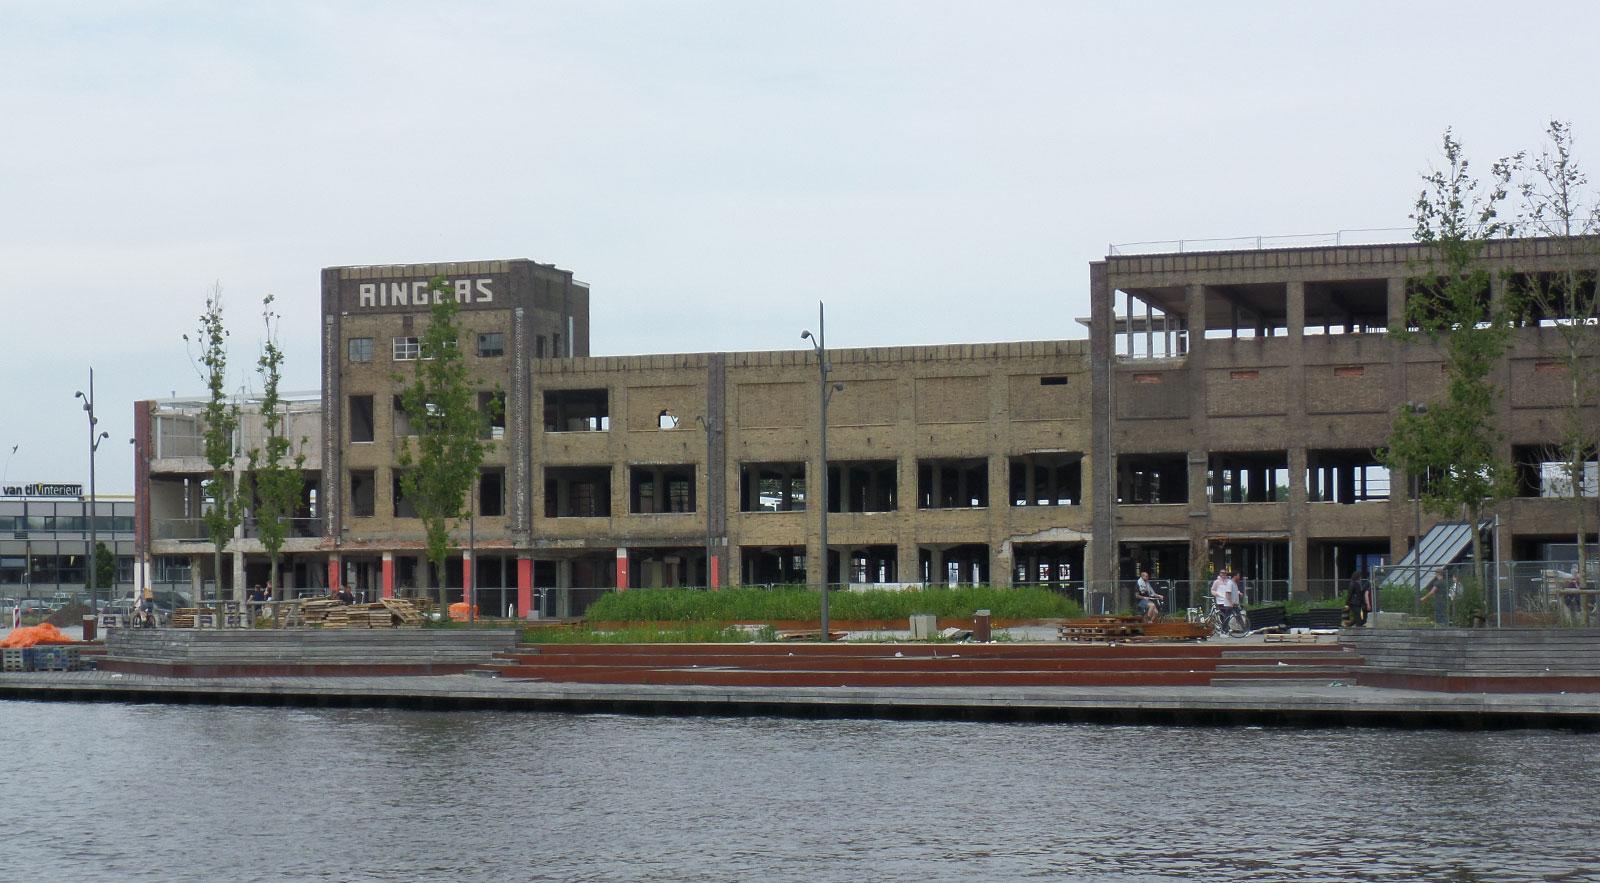 Overstad Ringers Alkmaar